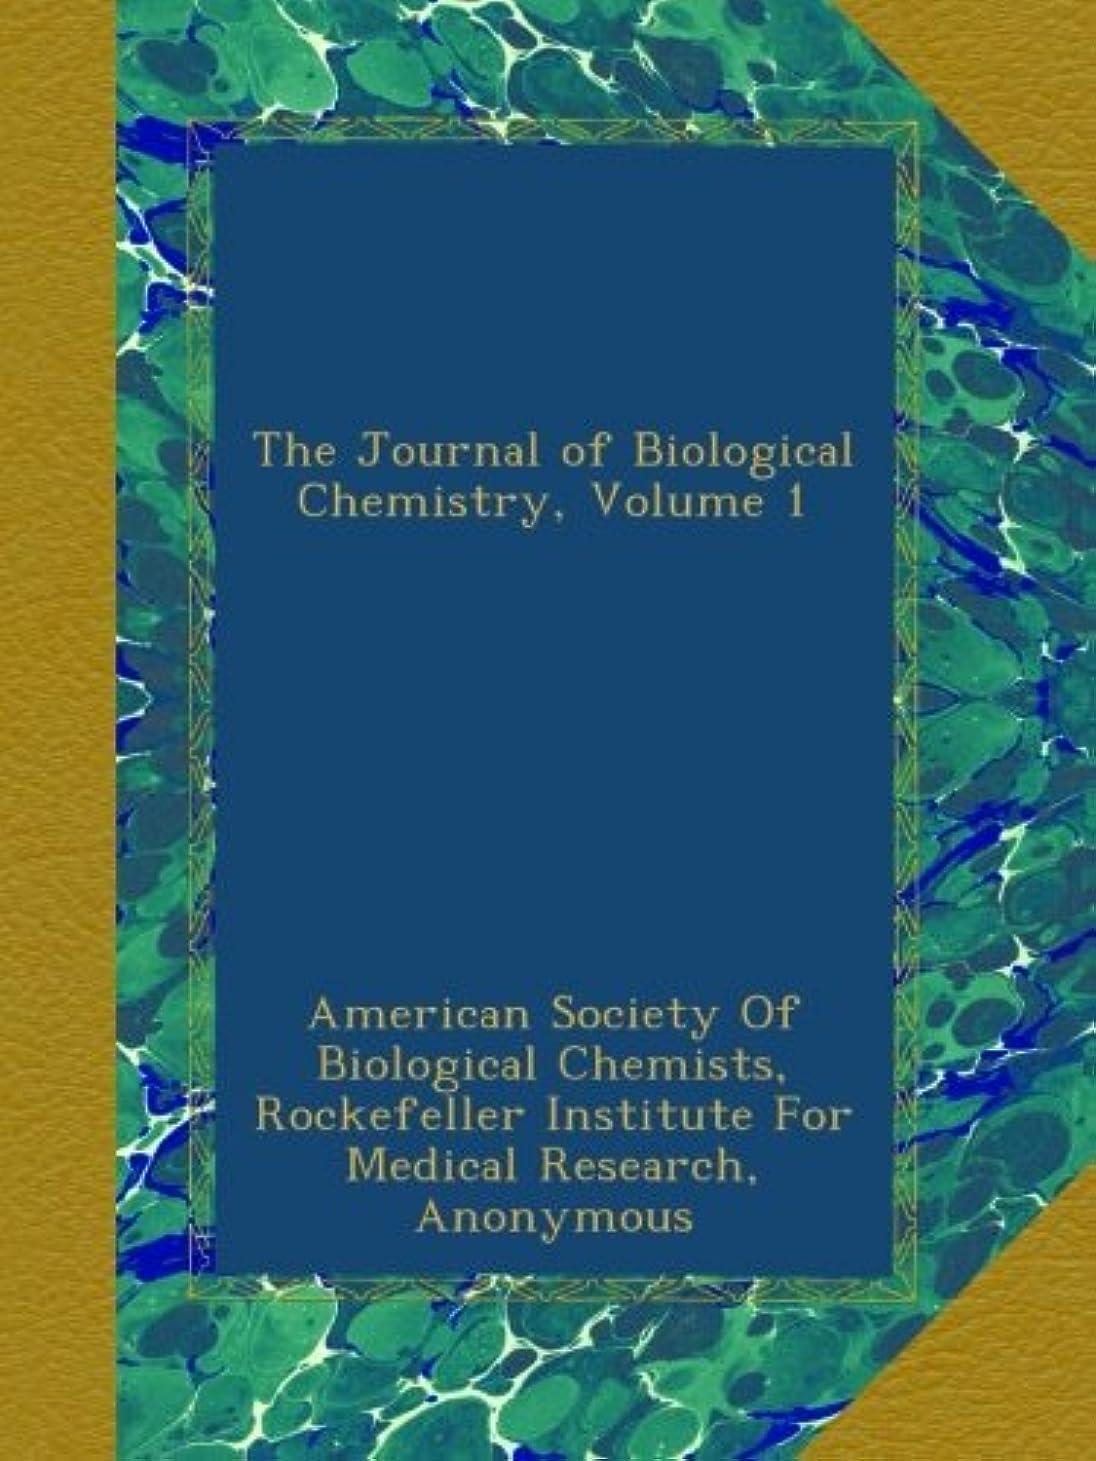 撤退ブロック解任The Journal of Biological Chemistry, Volume 1